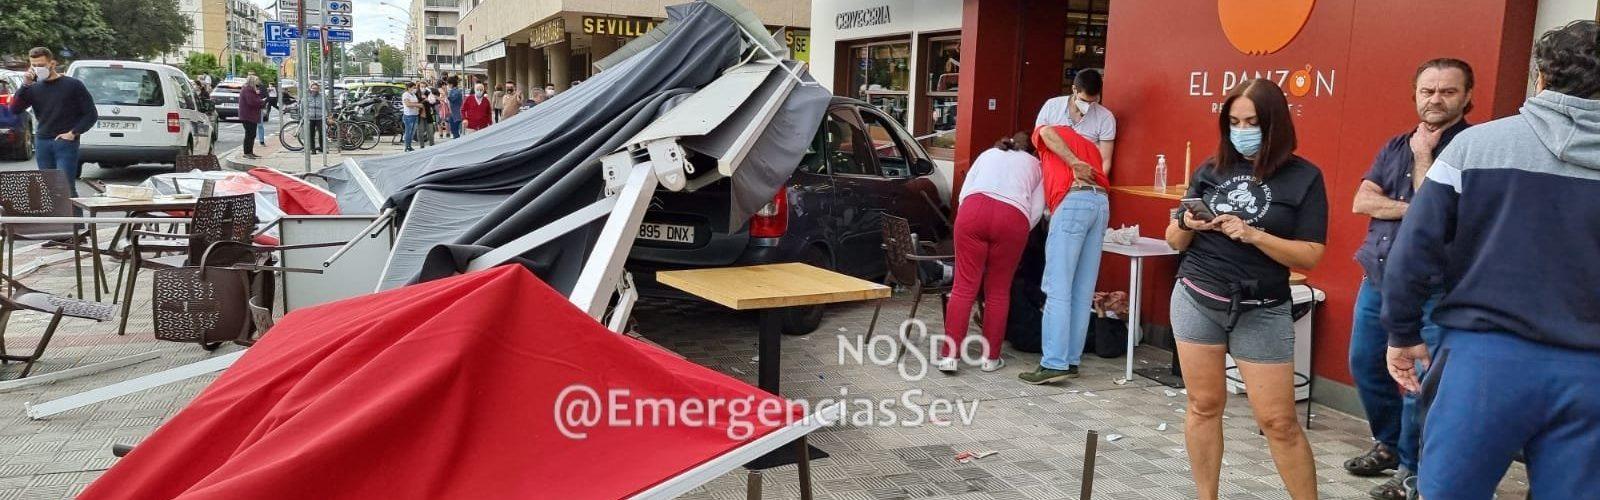 Foto: EmergenciaSev